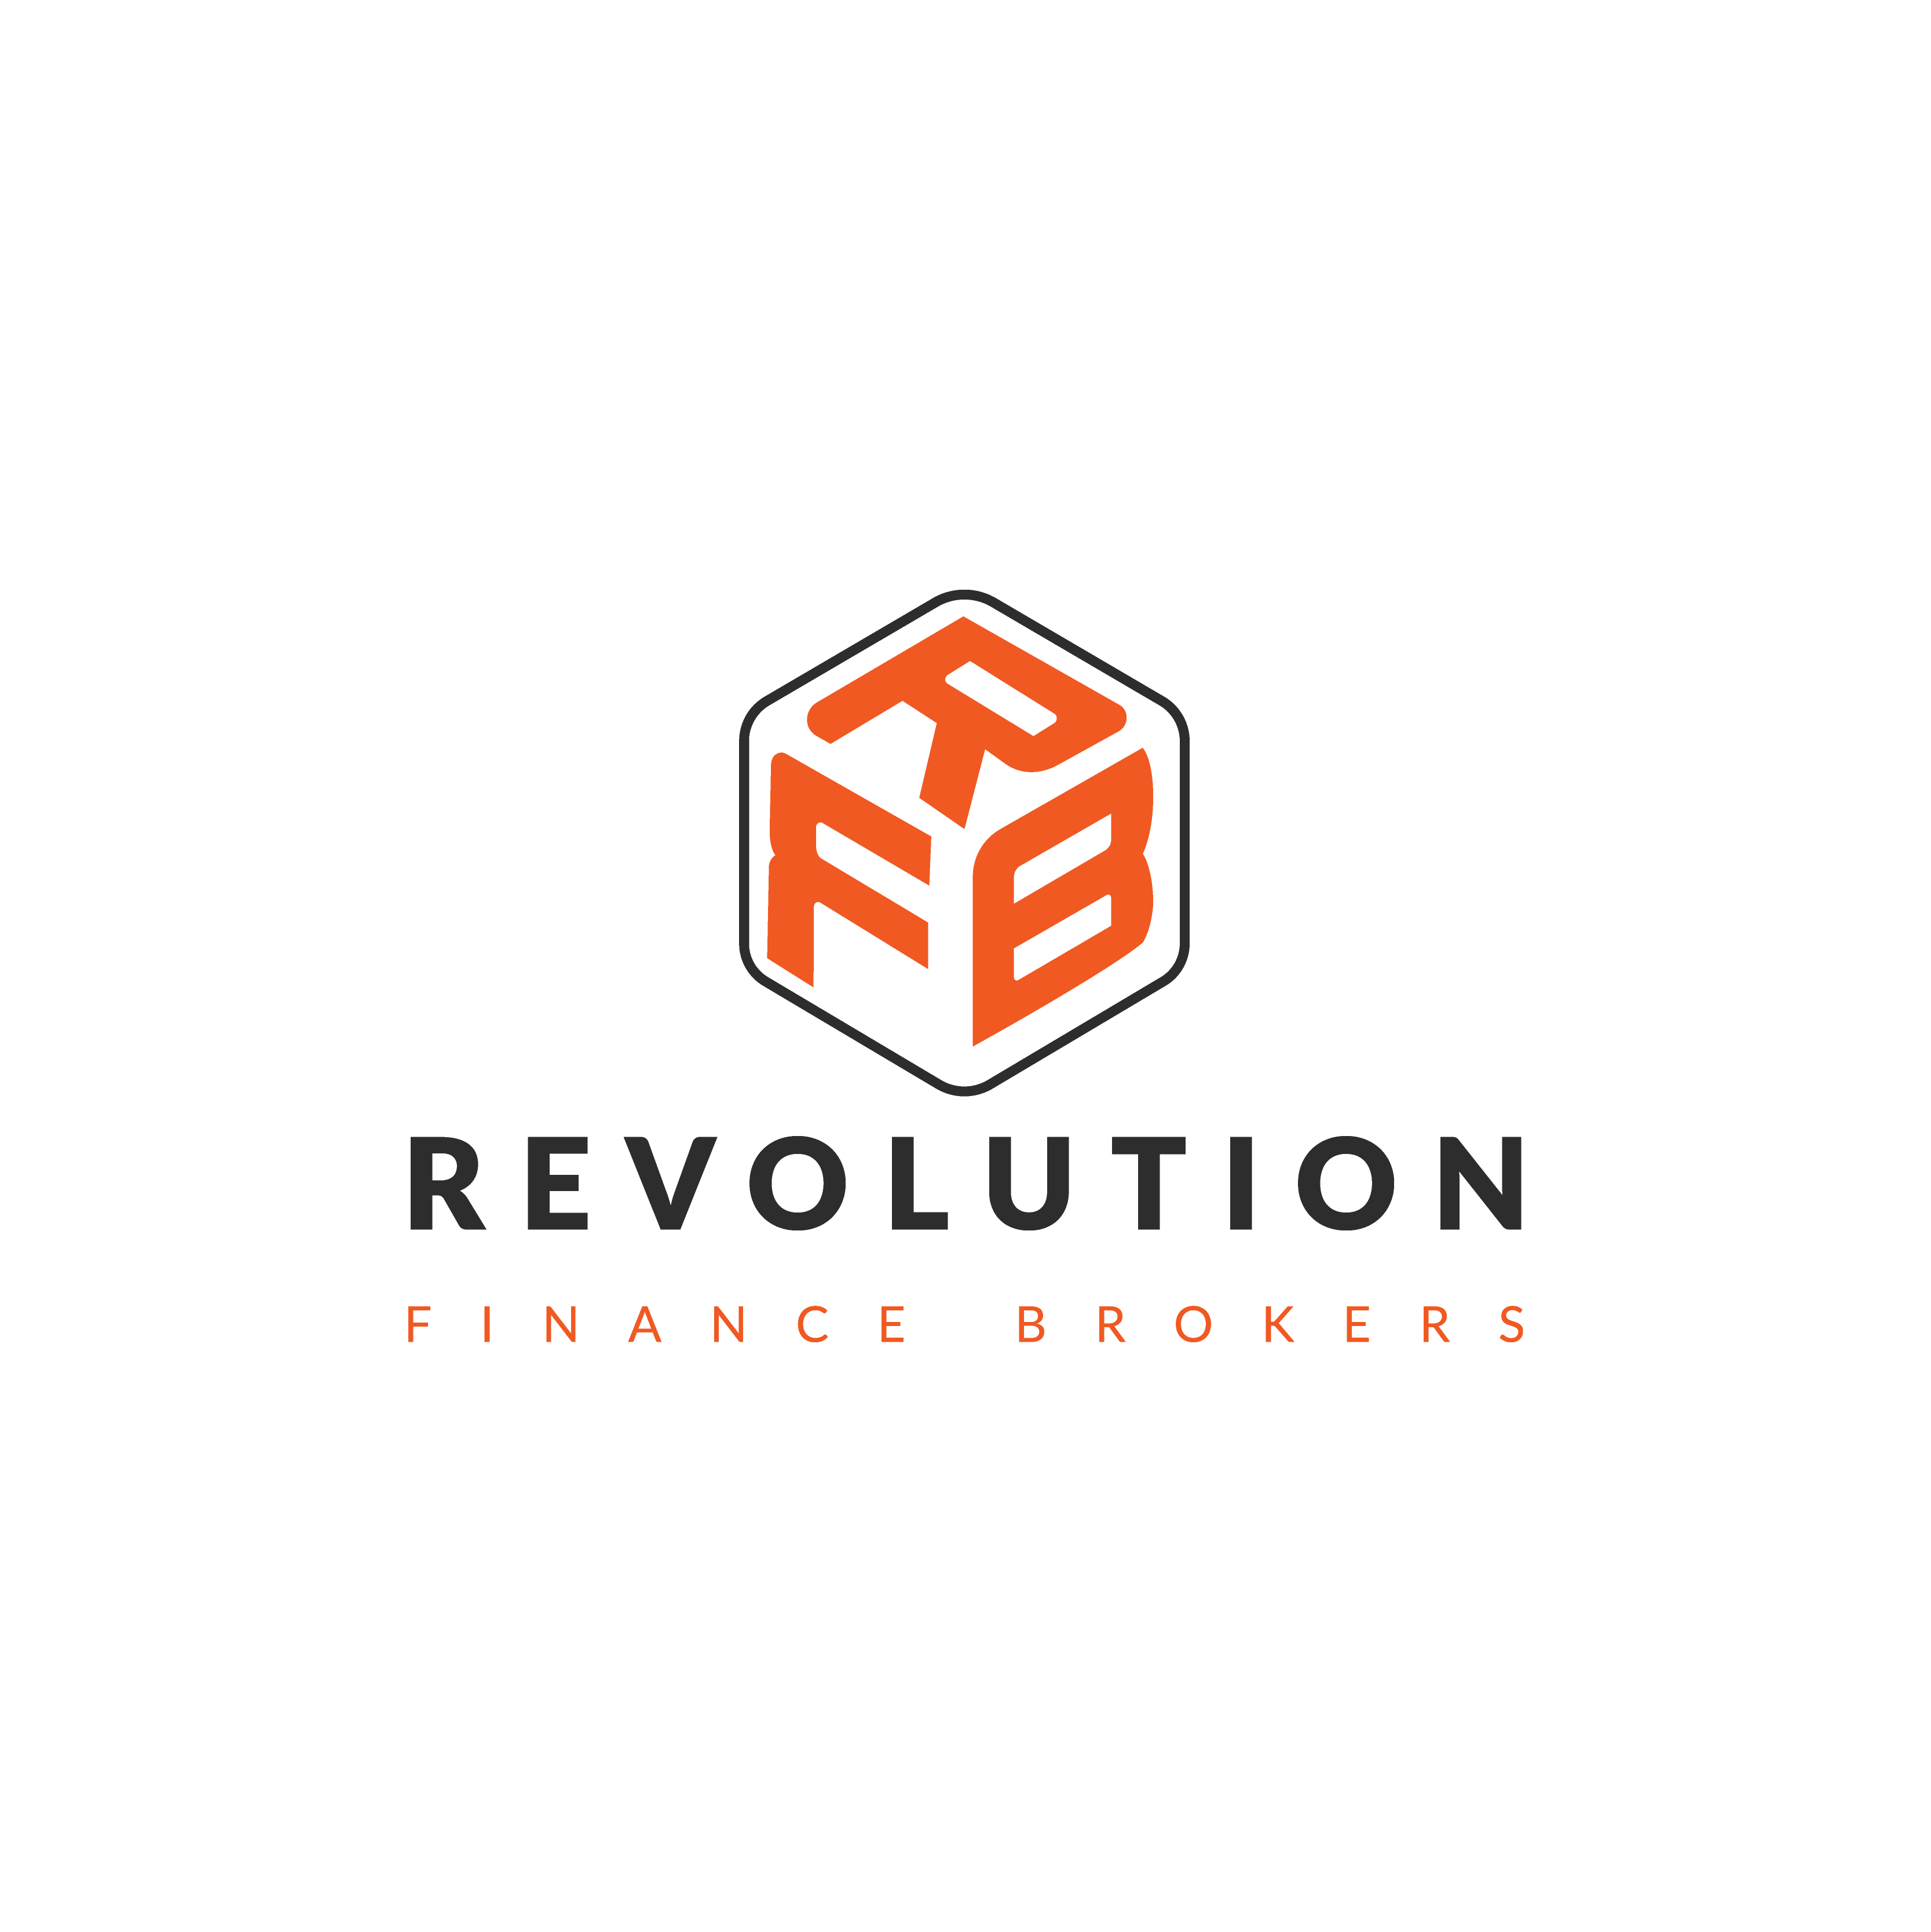 Revolution Finance brokers ltd